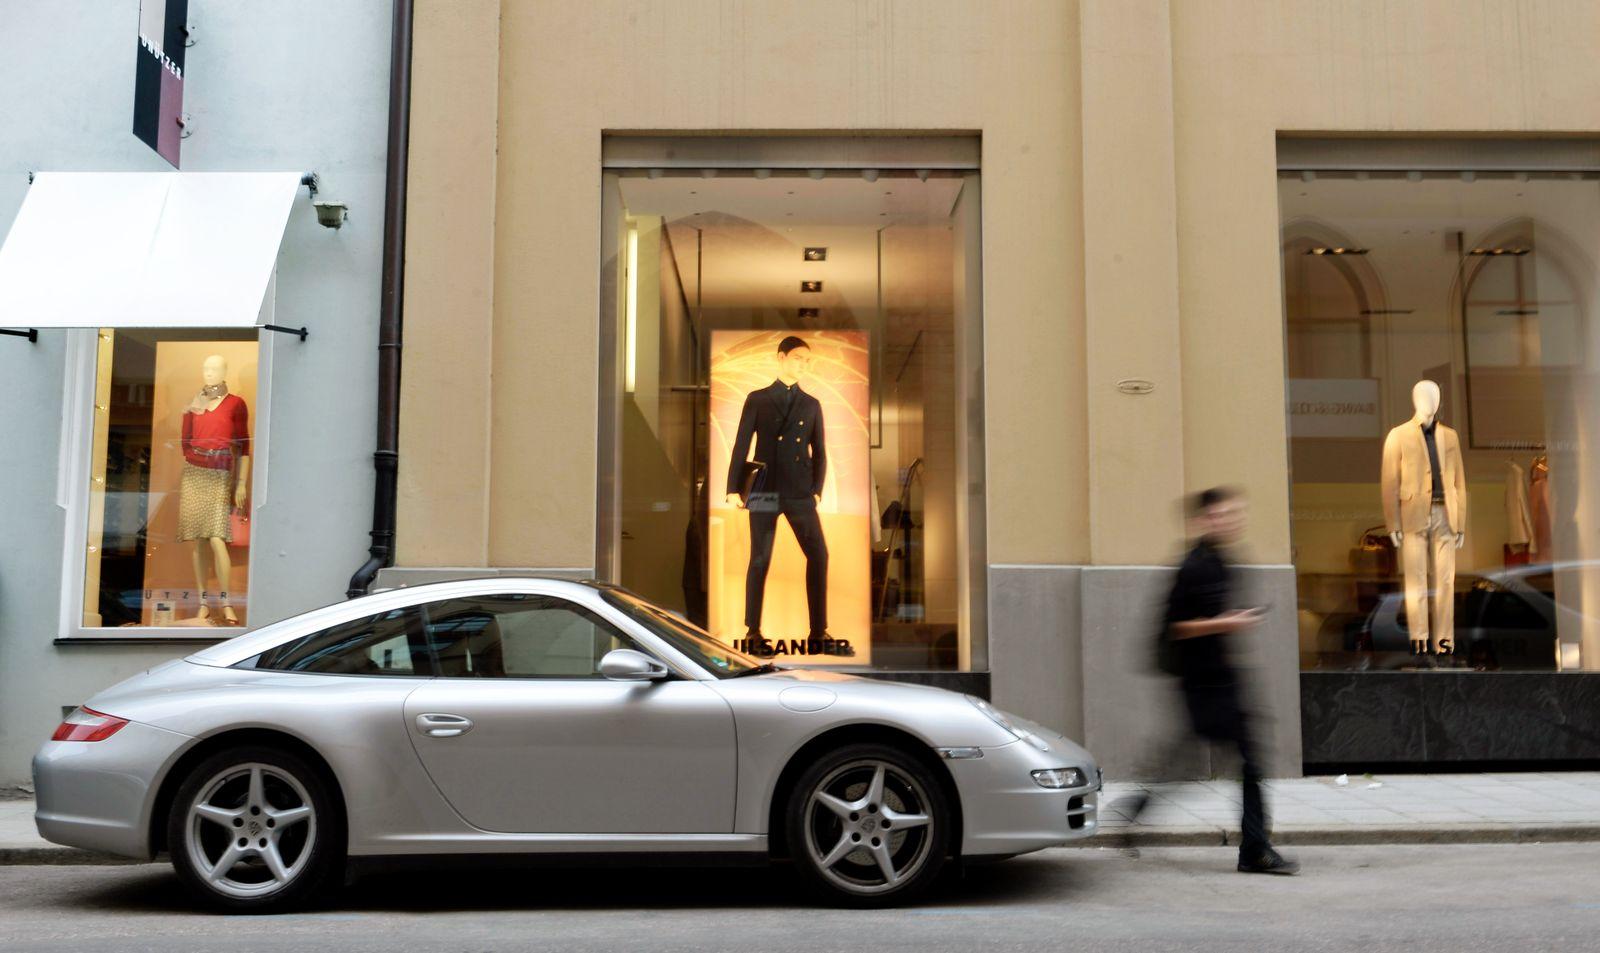 Deutschland / Reichtum / Reich / Reiche / Luxus Luxus-Steuer / Porsche